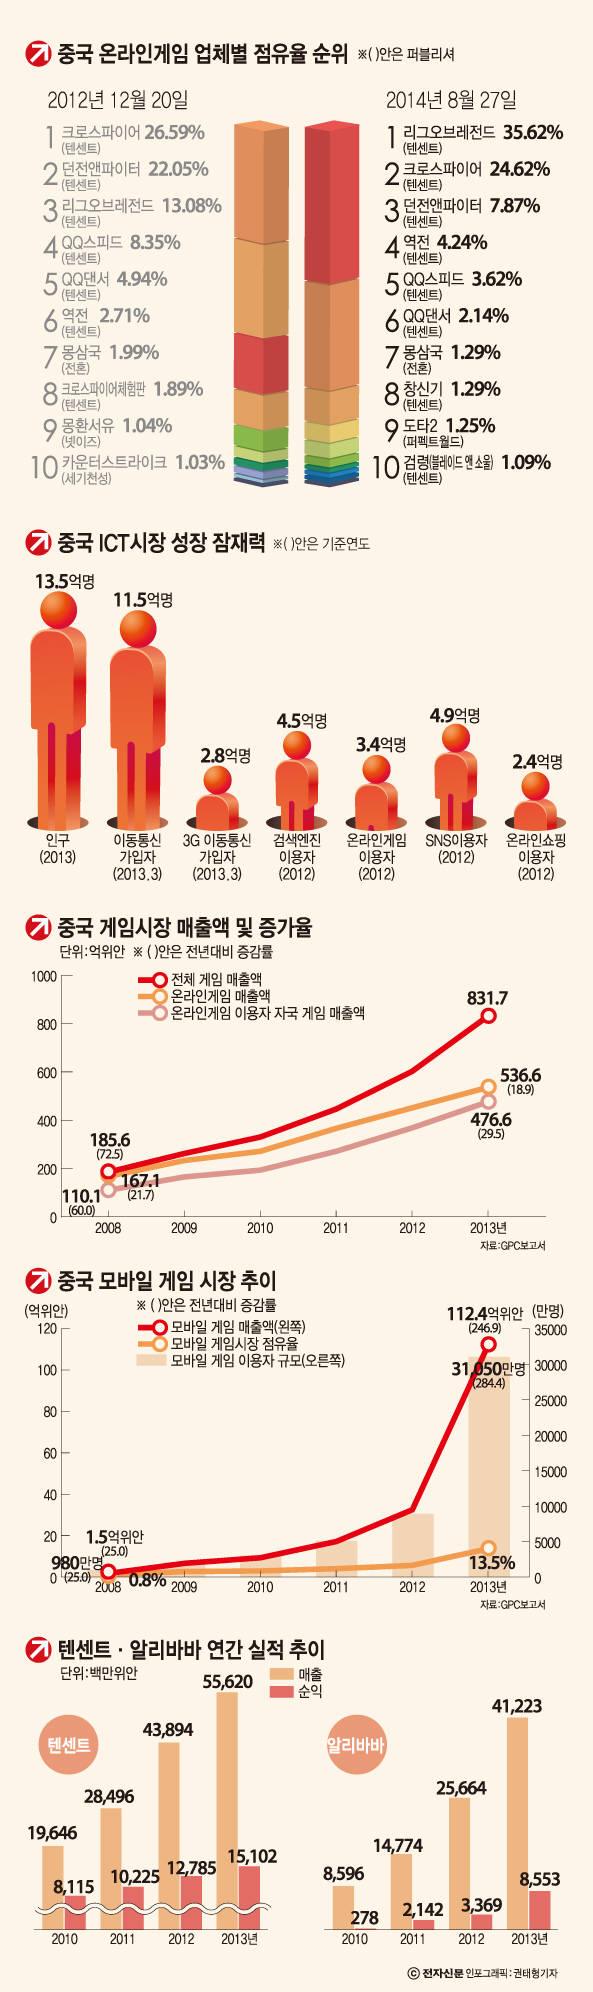 왜 텐센트가 최고의 갑인지 알 수 있는 그래픽 (출처: 전자신문)